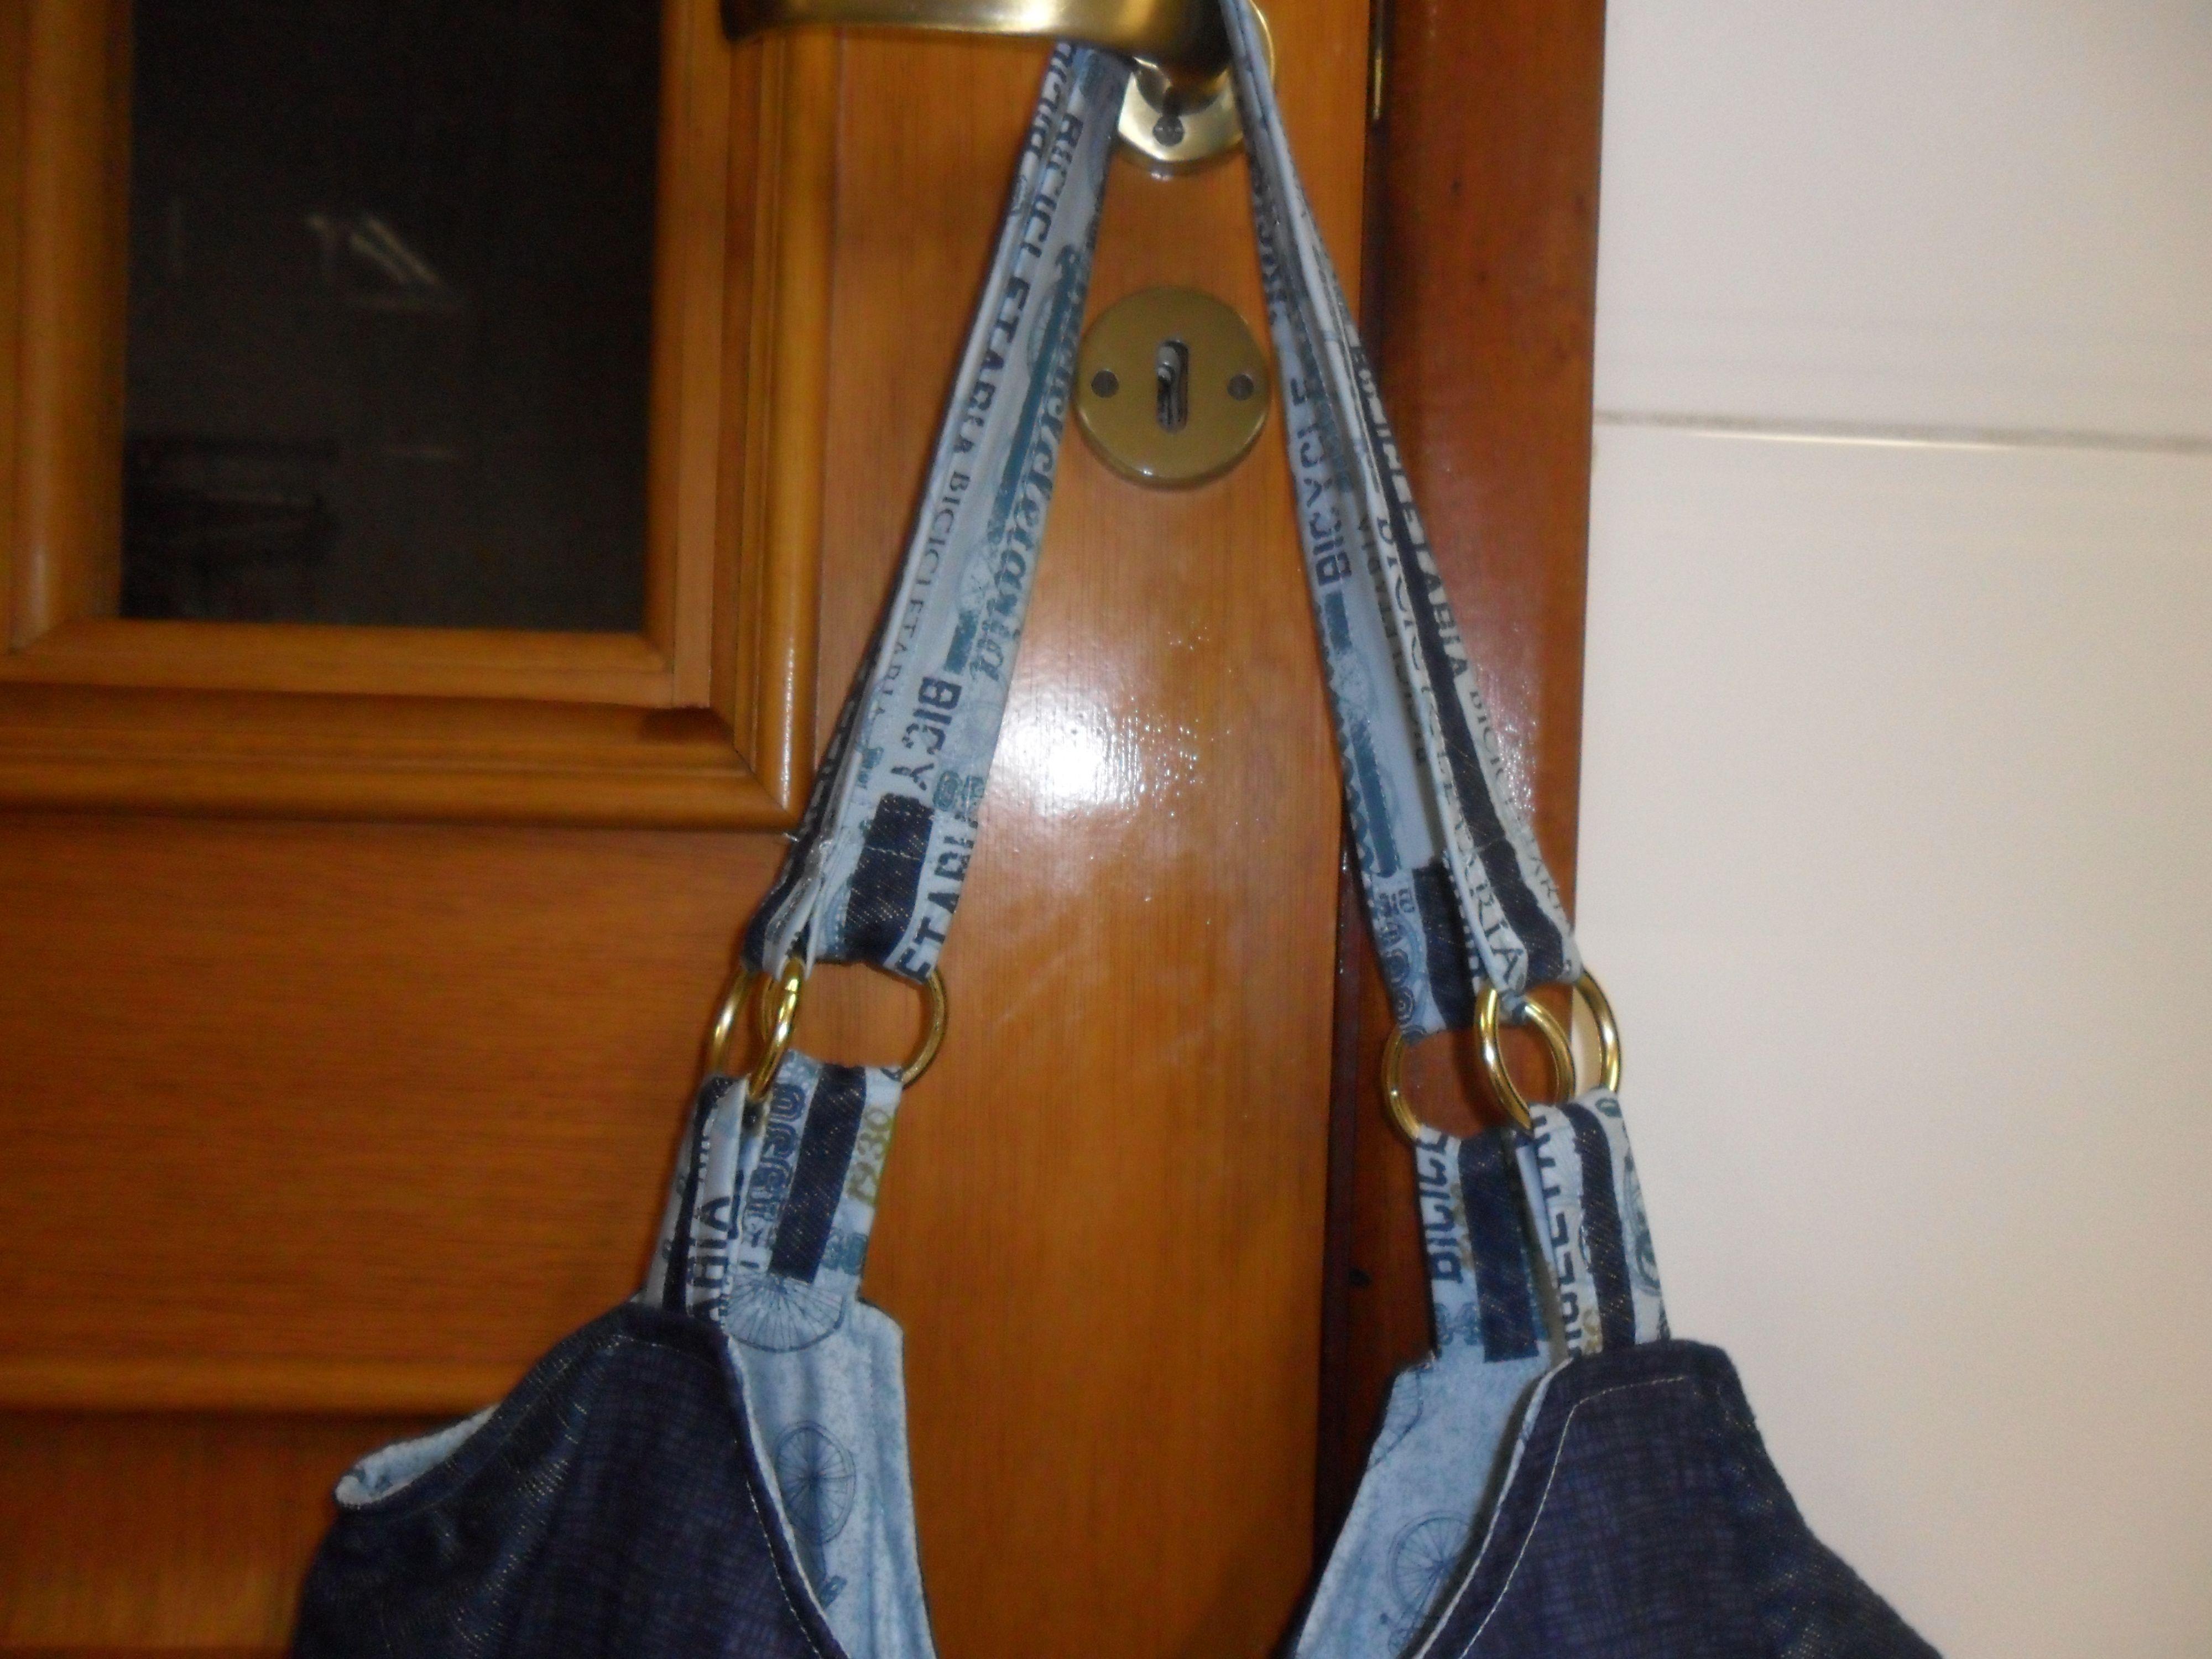 Bolsa Bicicletaria, confeccionada em jeans e tecido de tricoline.